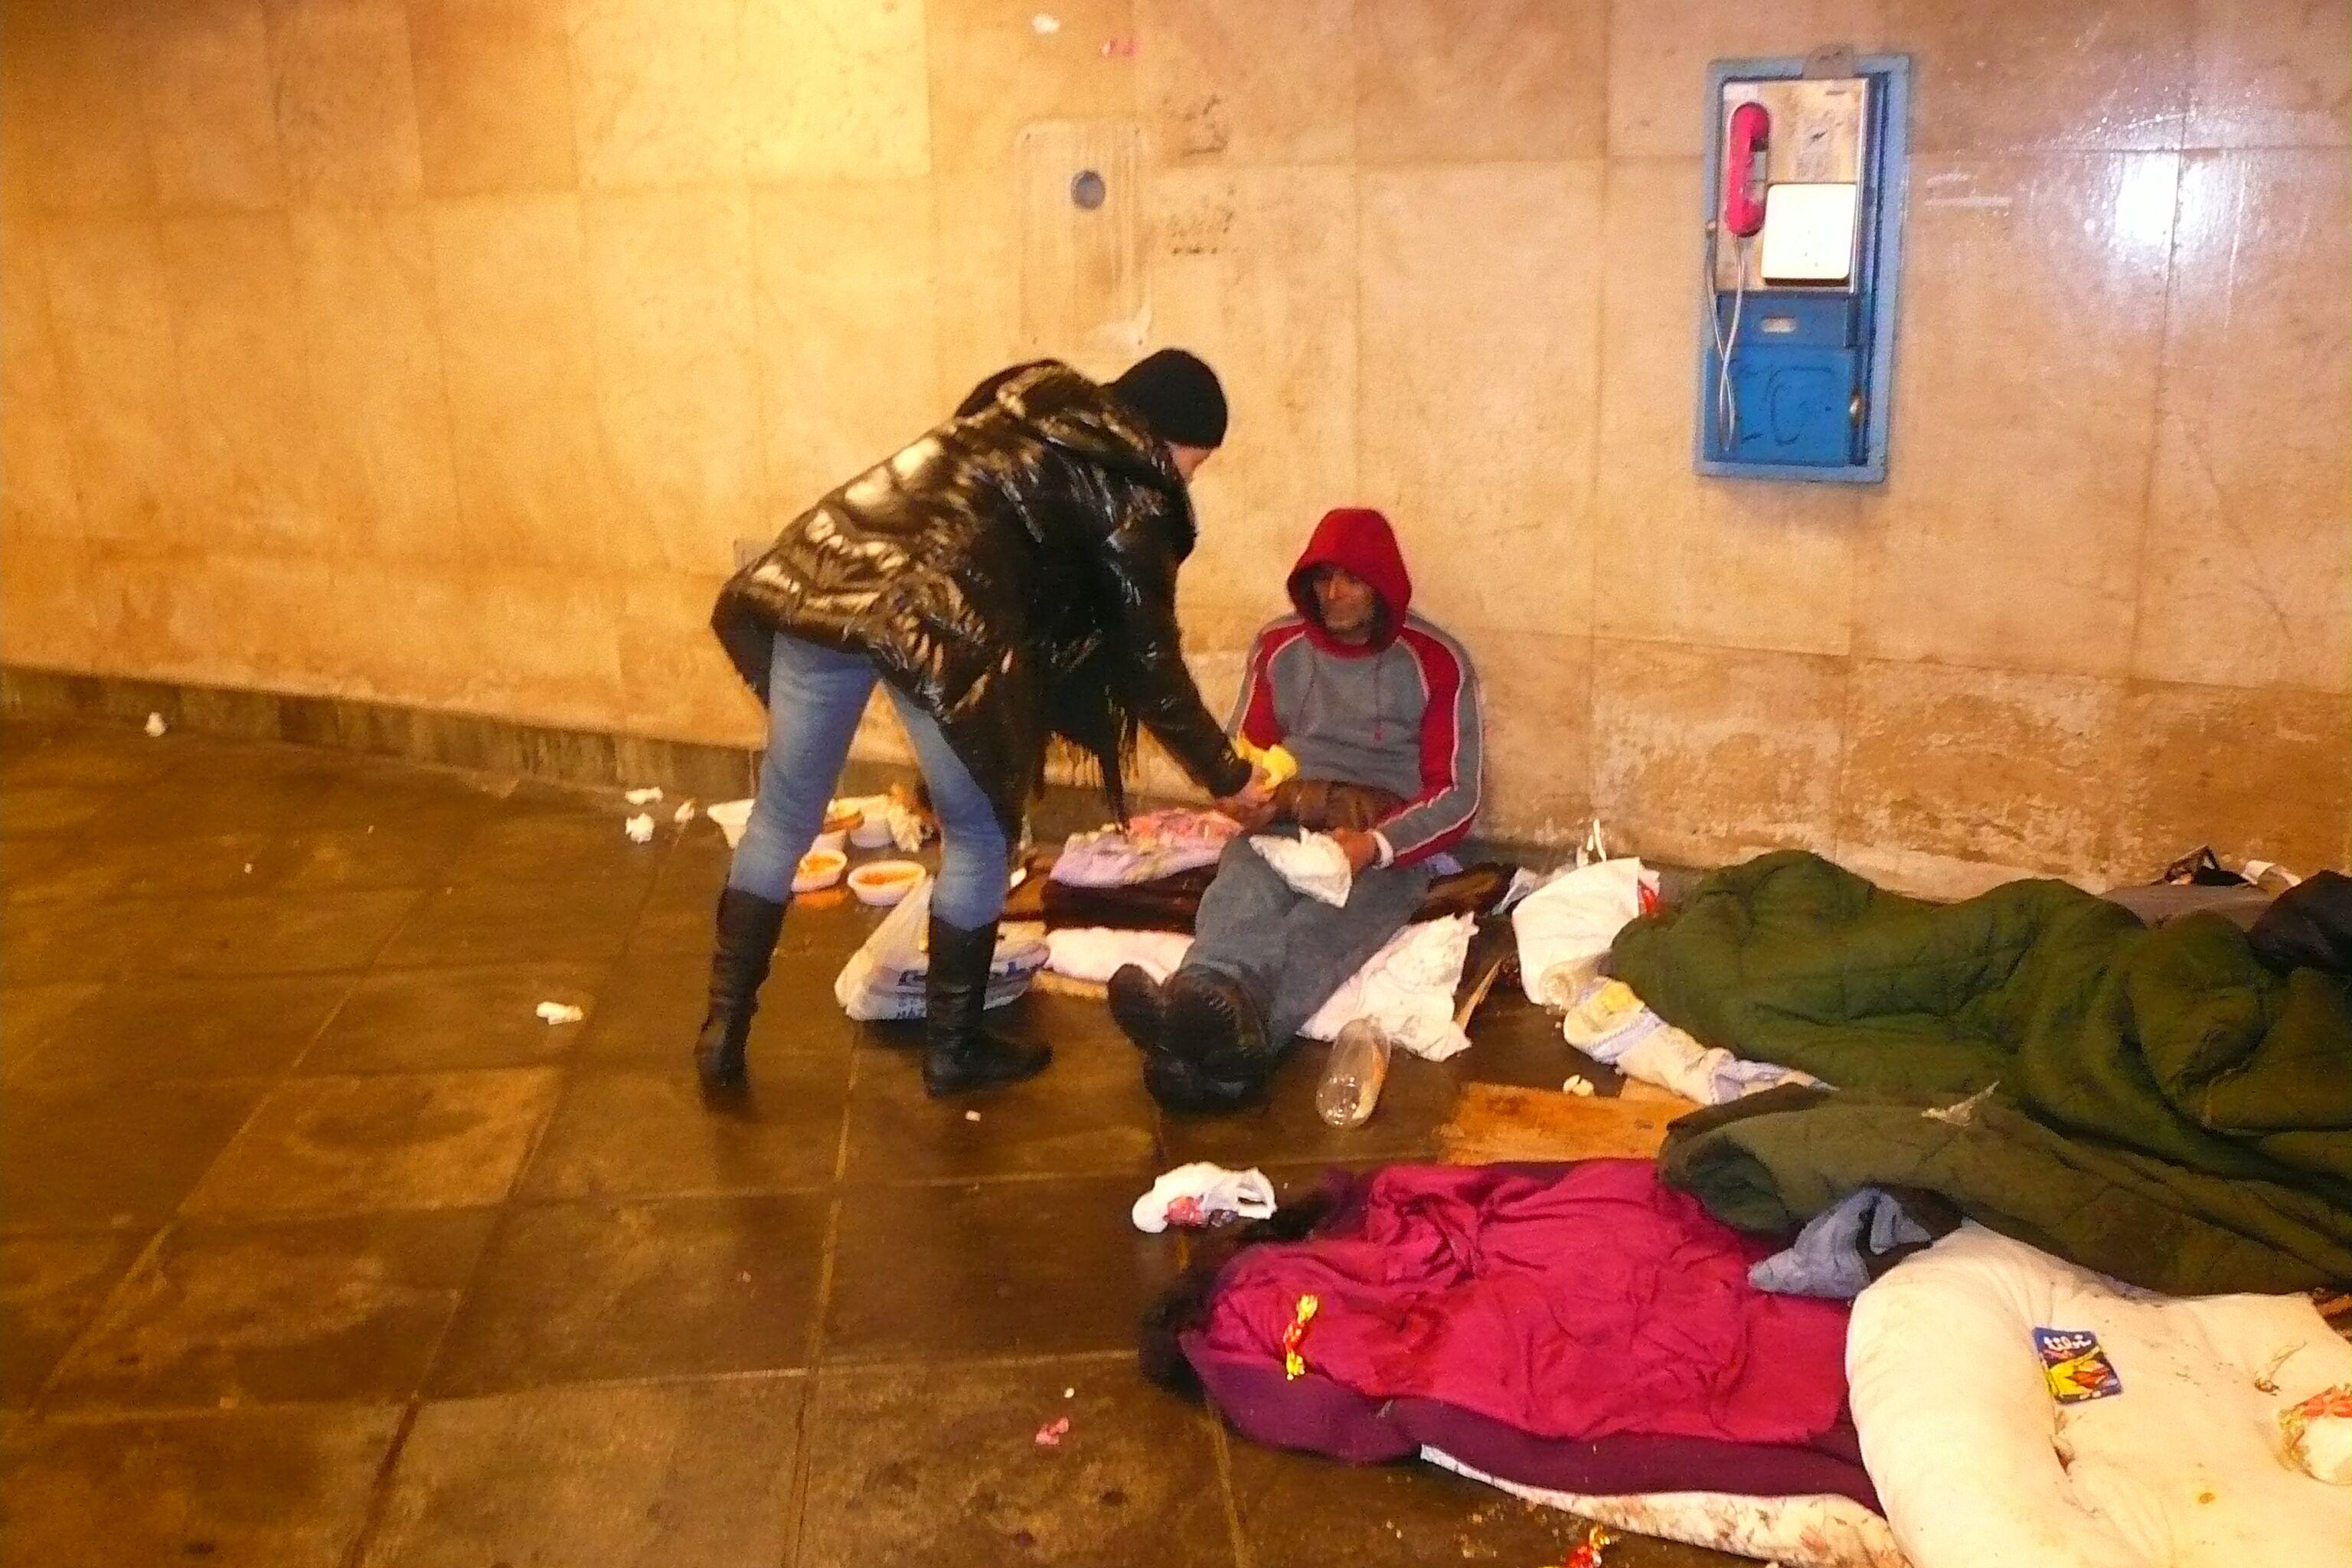 Cipő nélkül kizavarni egy hajléktalant a rekord hidegbe  - Reflektor de3dde0306